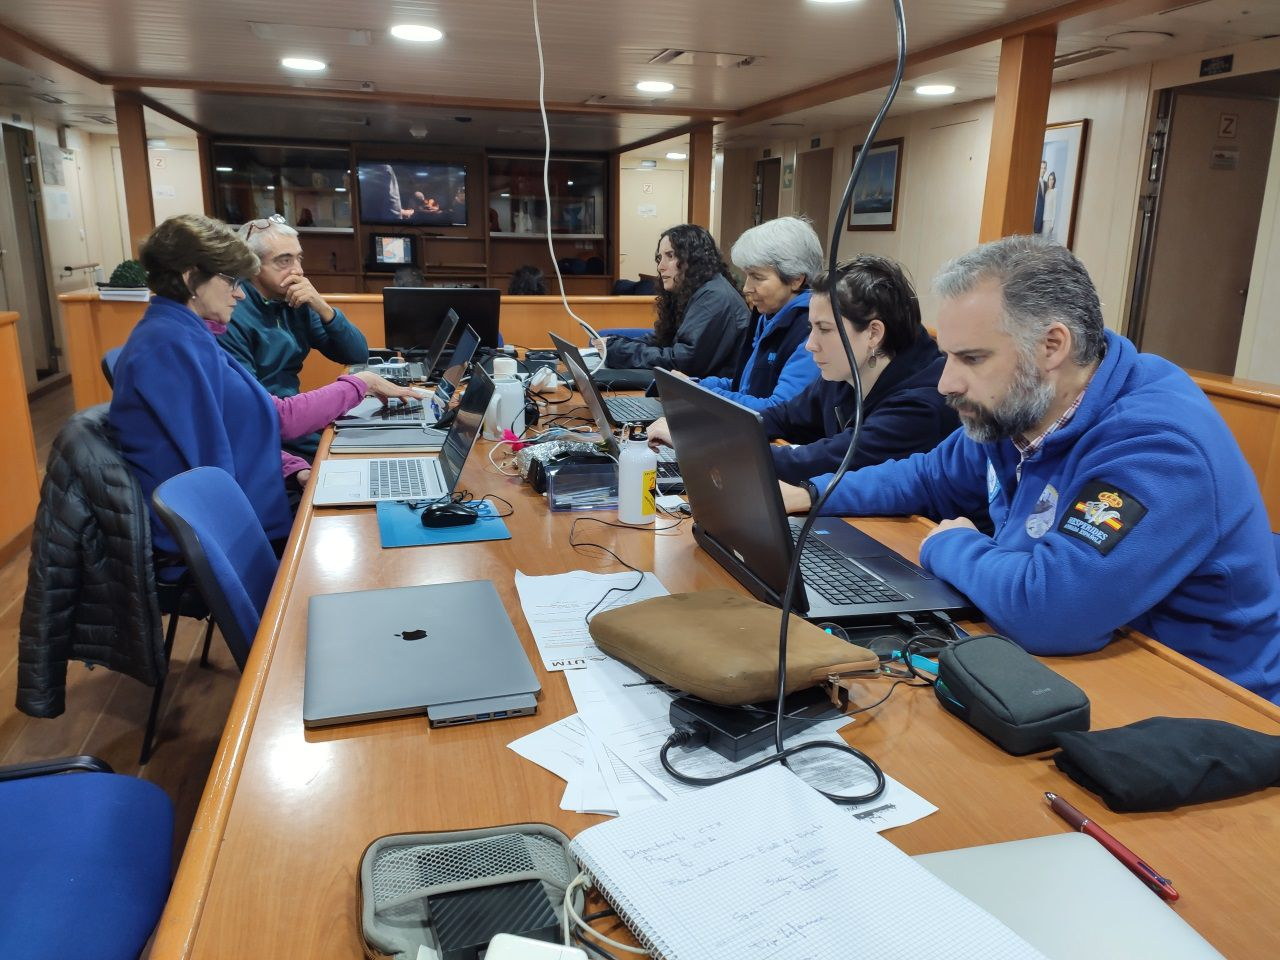 Una de las salas de trabajo que hay disponible a bordo para los científicos